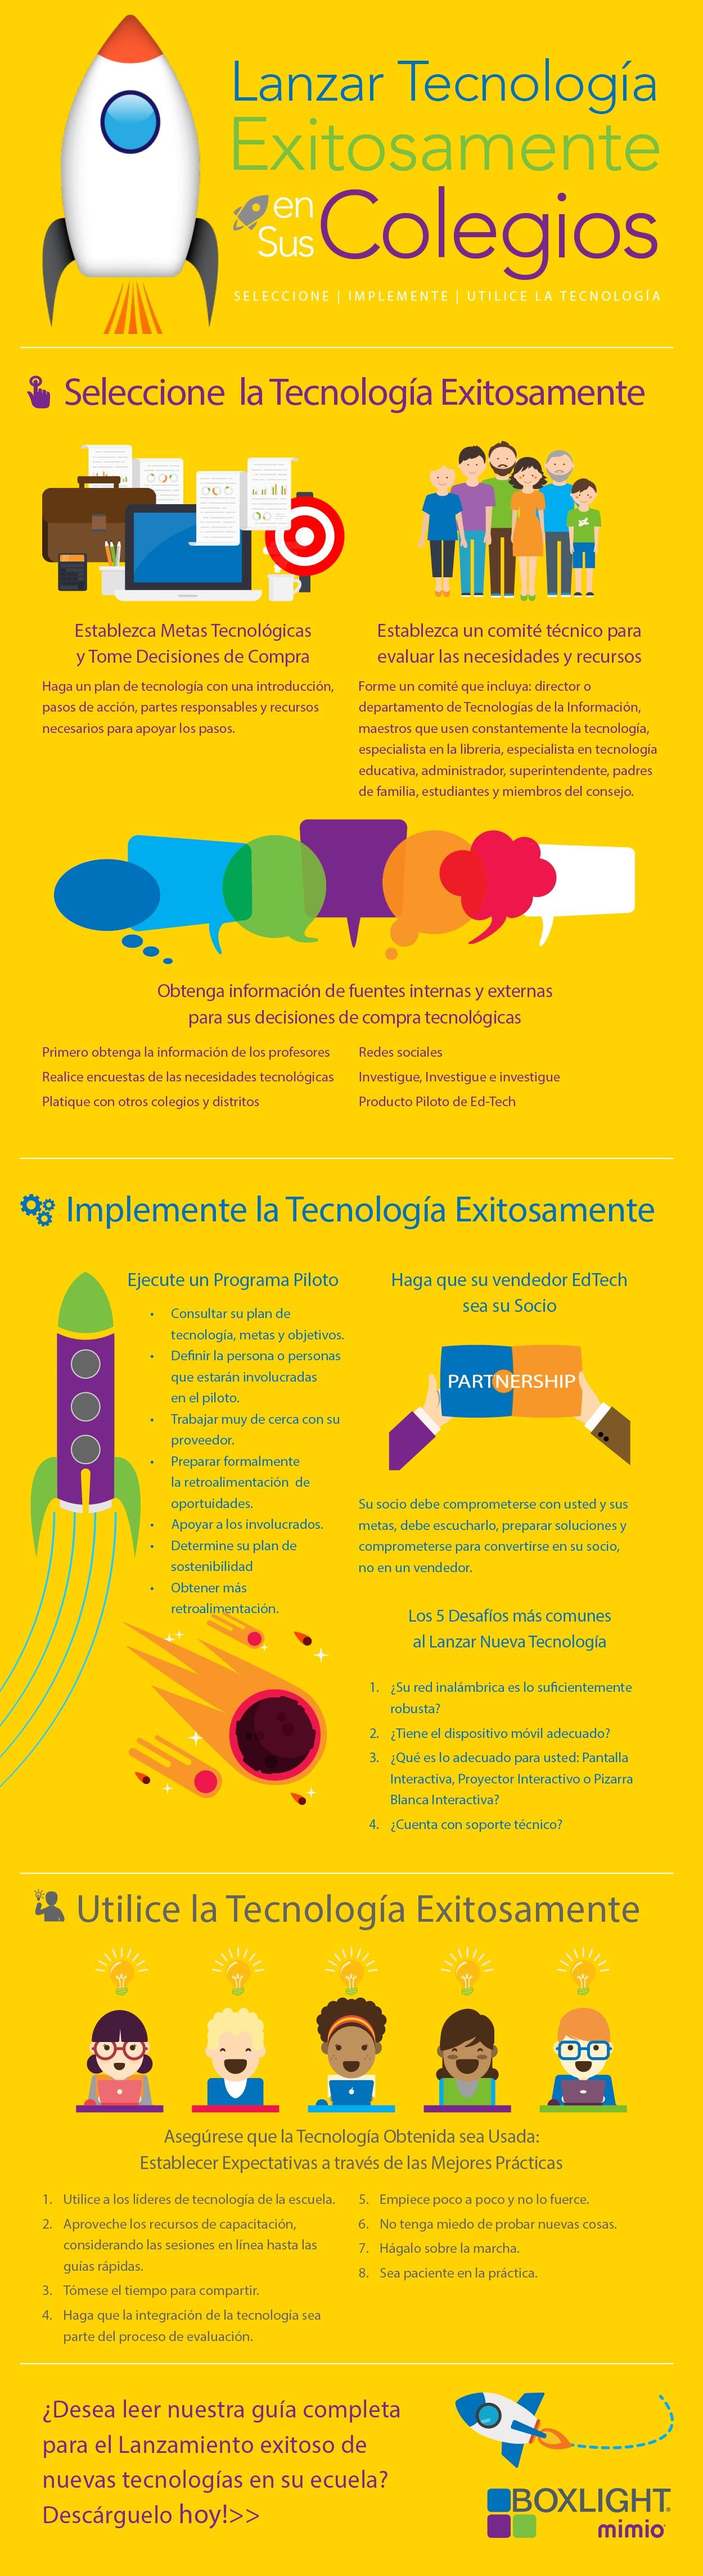 lanzar-tecnologia-exitosamente-en-sus-colegios-infografia